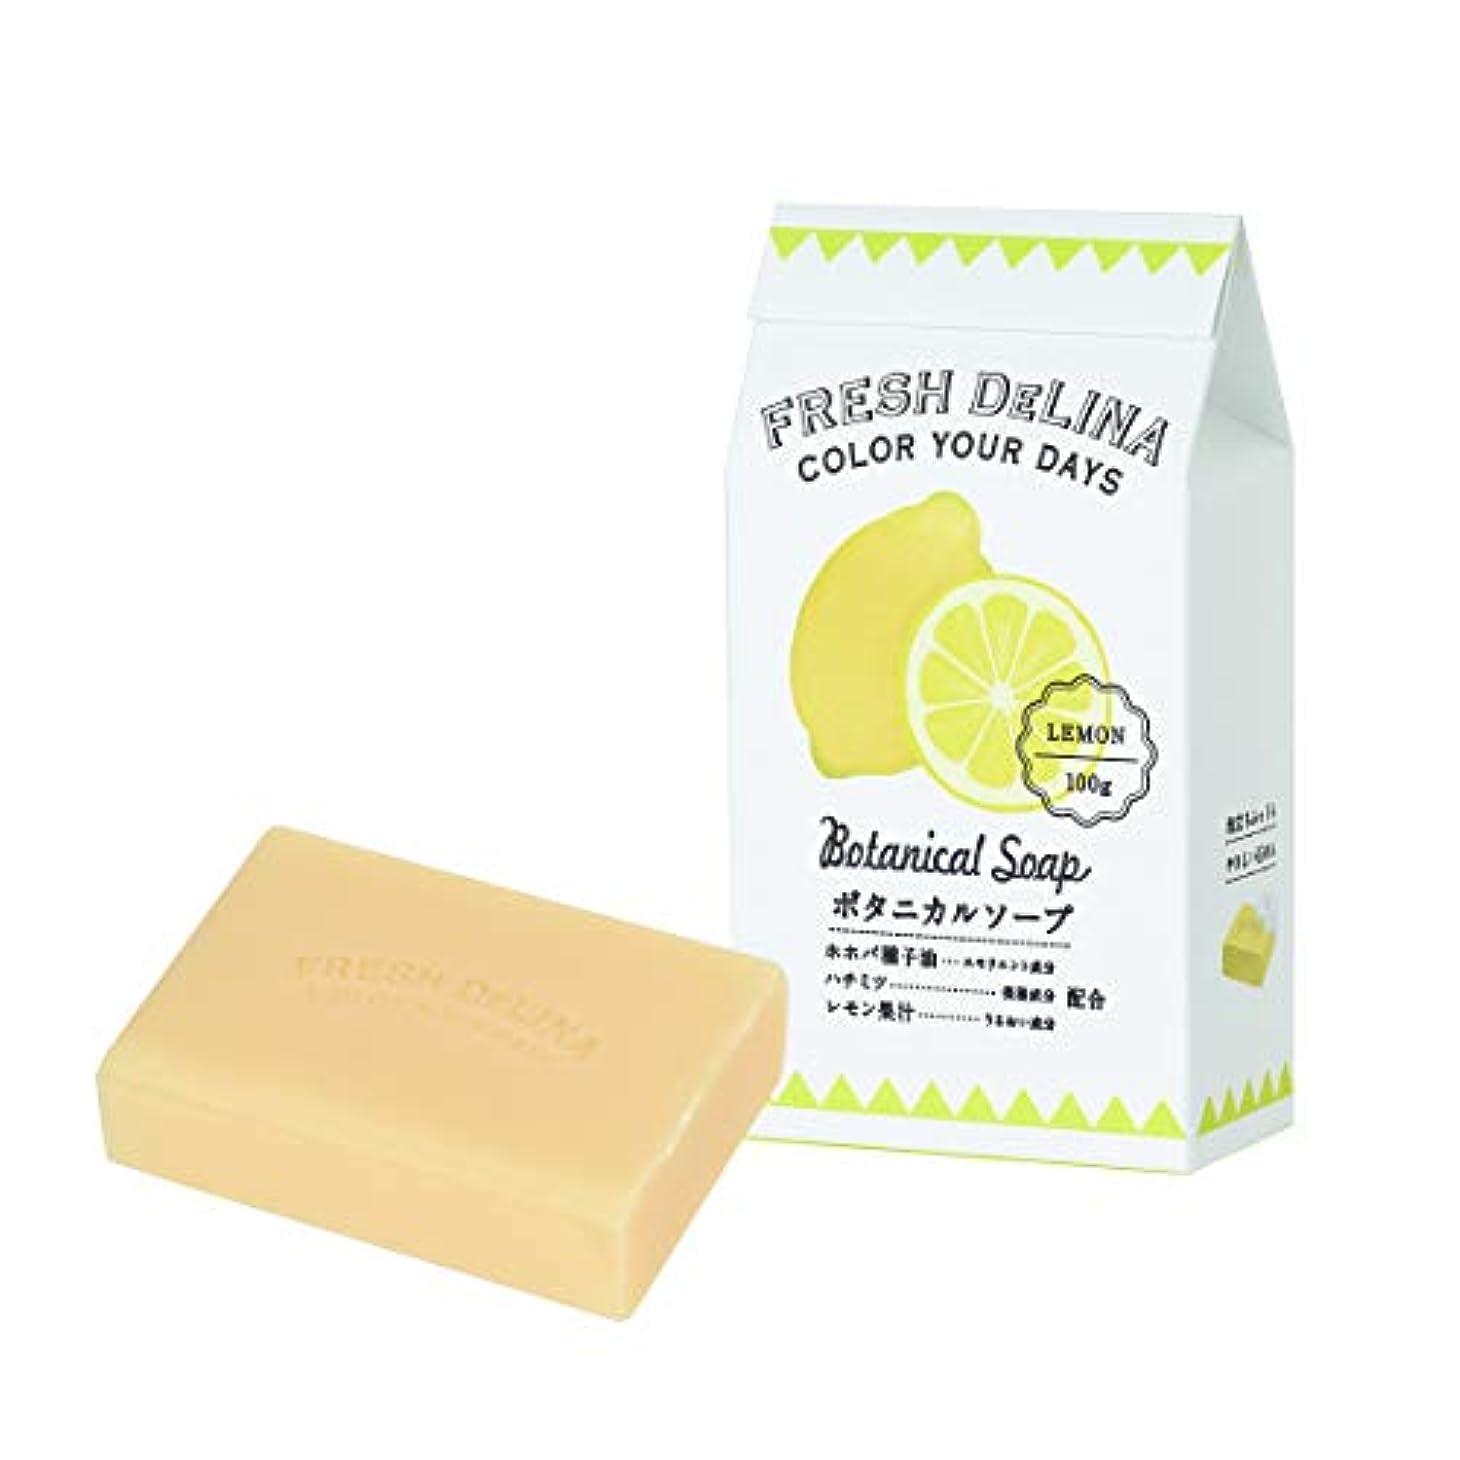 クリーナー白いプロトタイプフレッシュデリーナ ボタニカルソープ レモン 100g